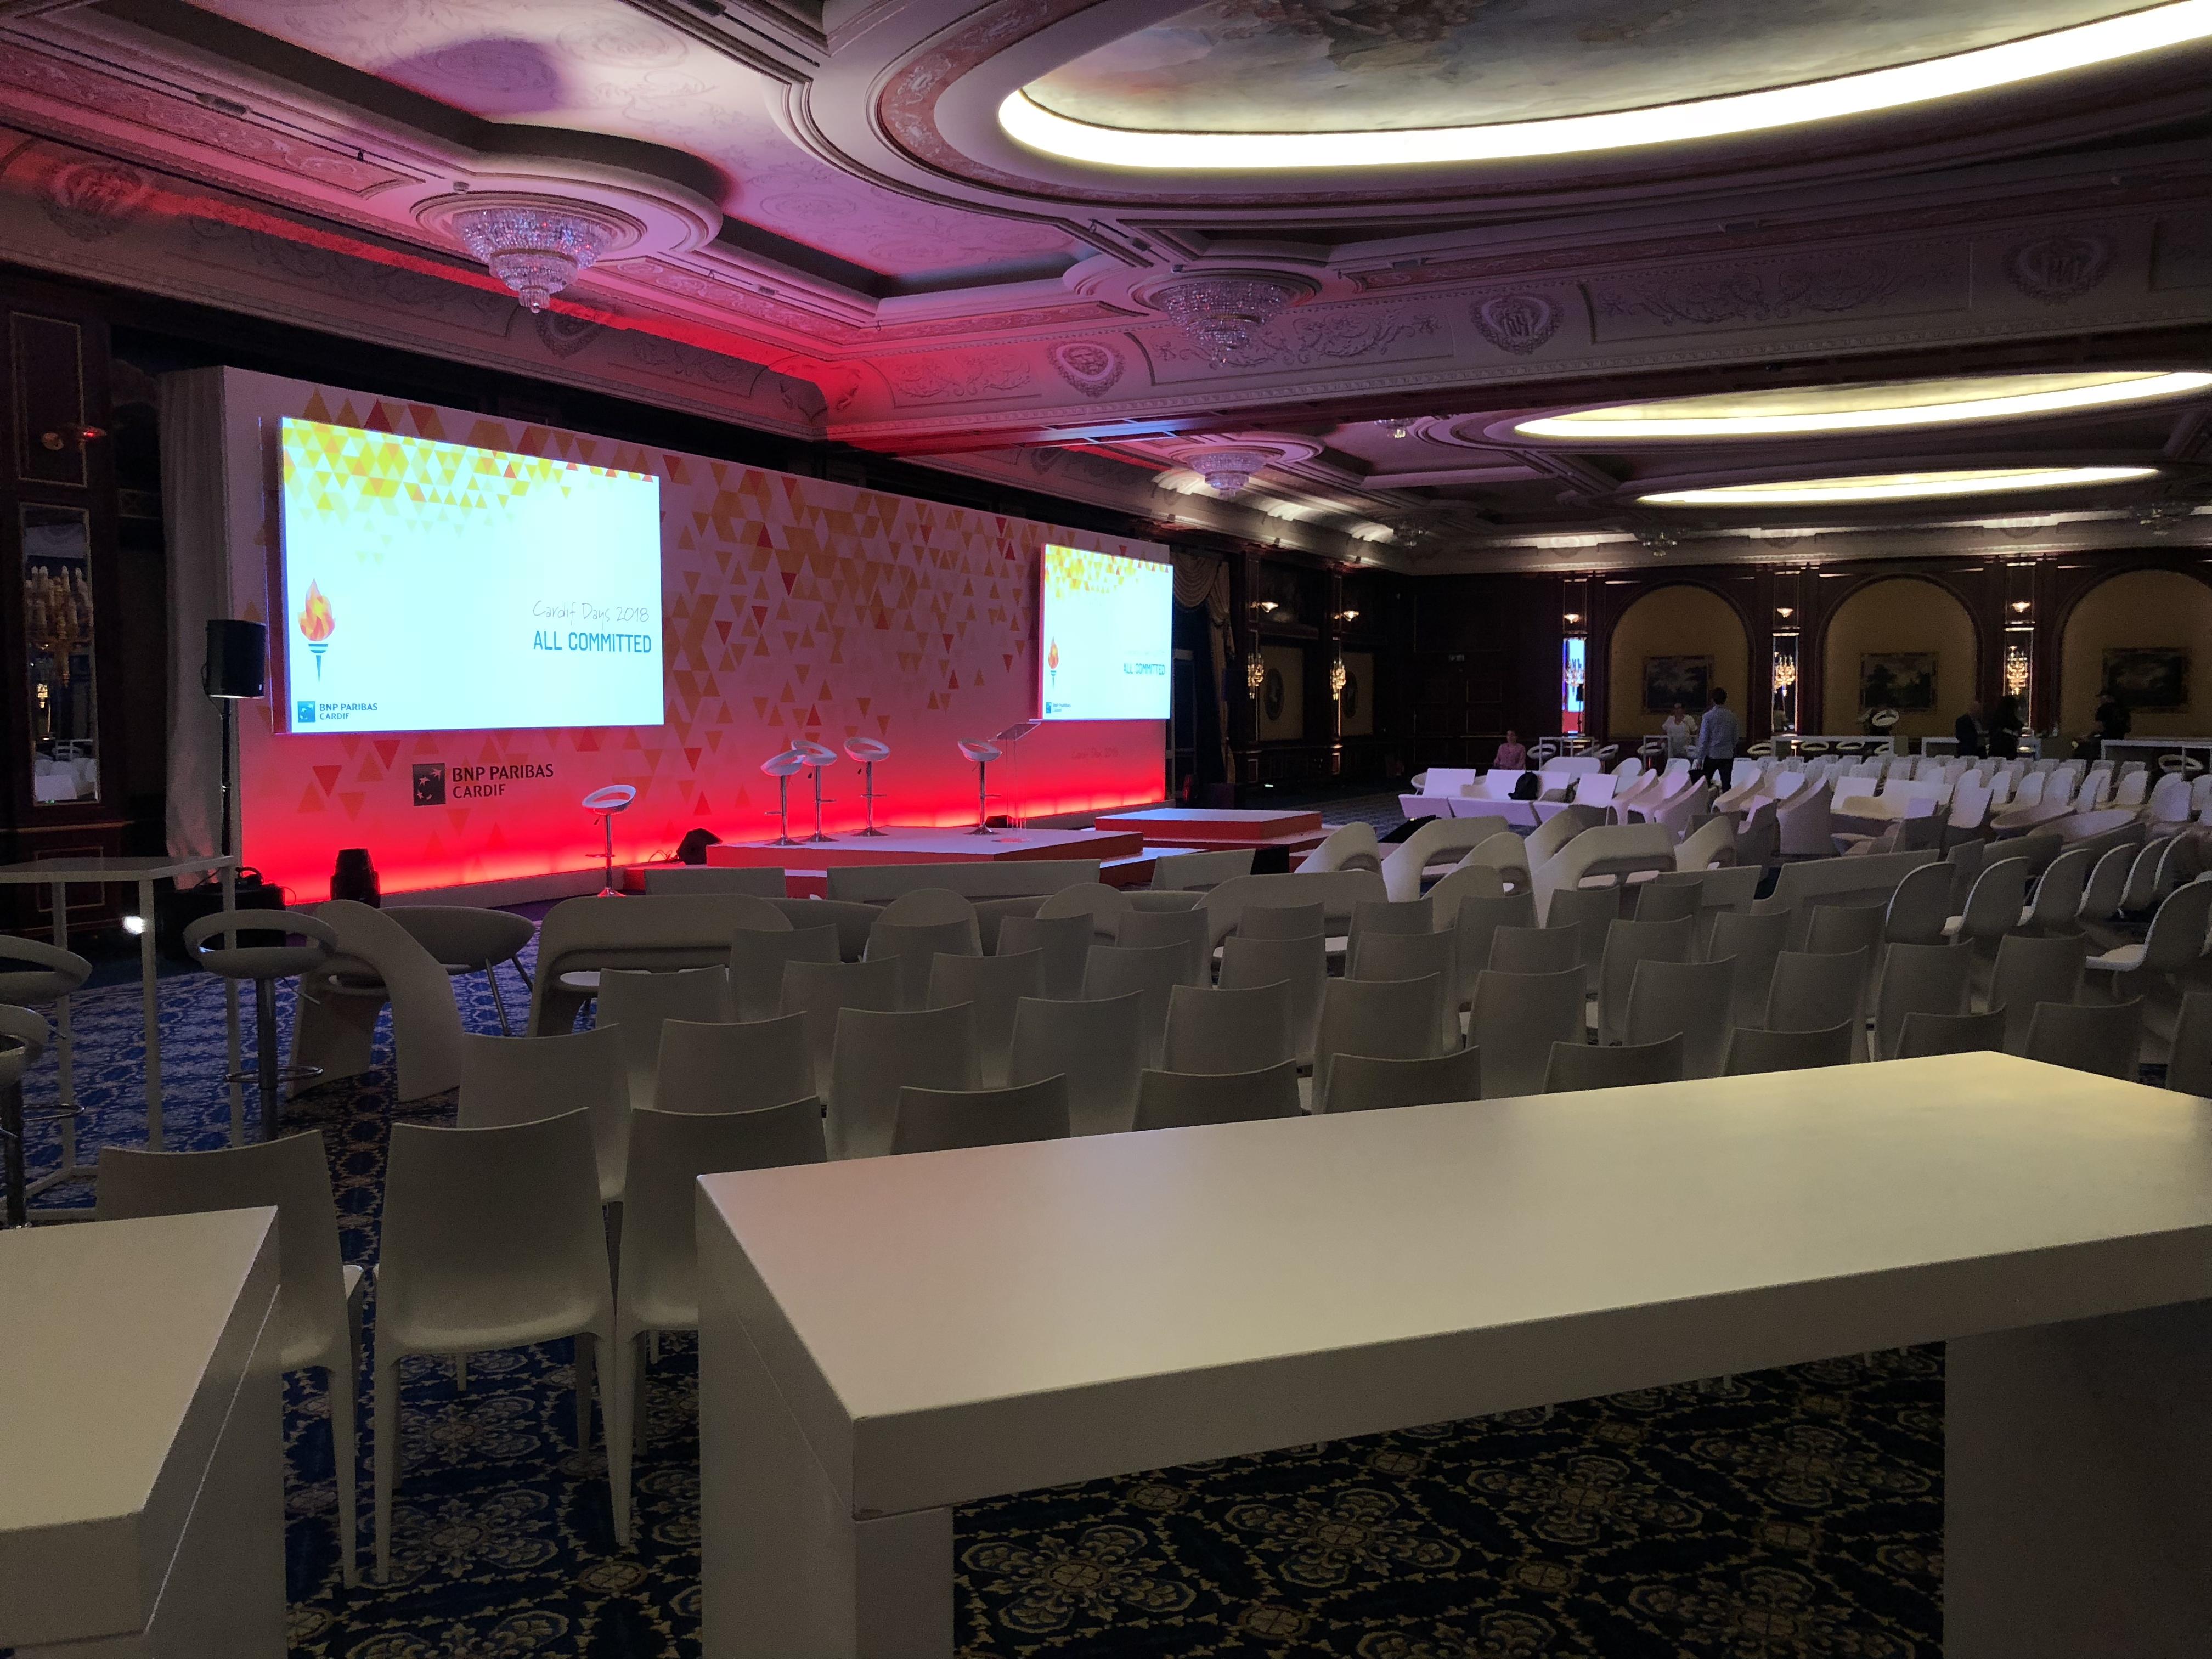 aucop-event-italie-bnp-twobevents-lac majeur-son-video-deco-scene-ecrans-audiovisuel-eclairage-ecrans-grand hotel dino-decoration-corporate-evenement-evenementiel-bnp paribas